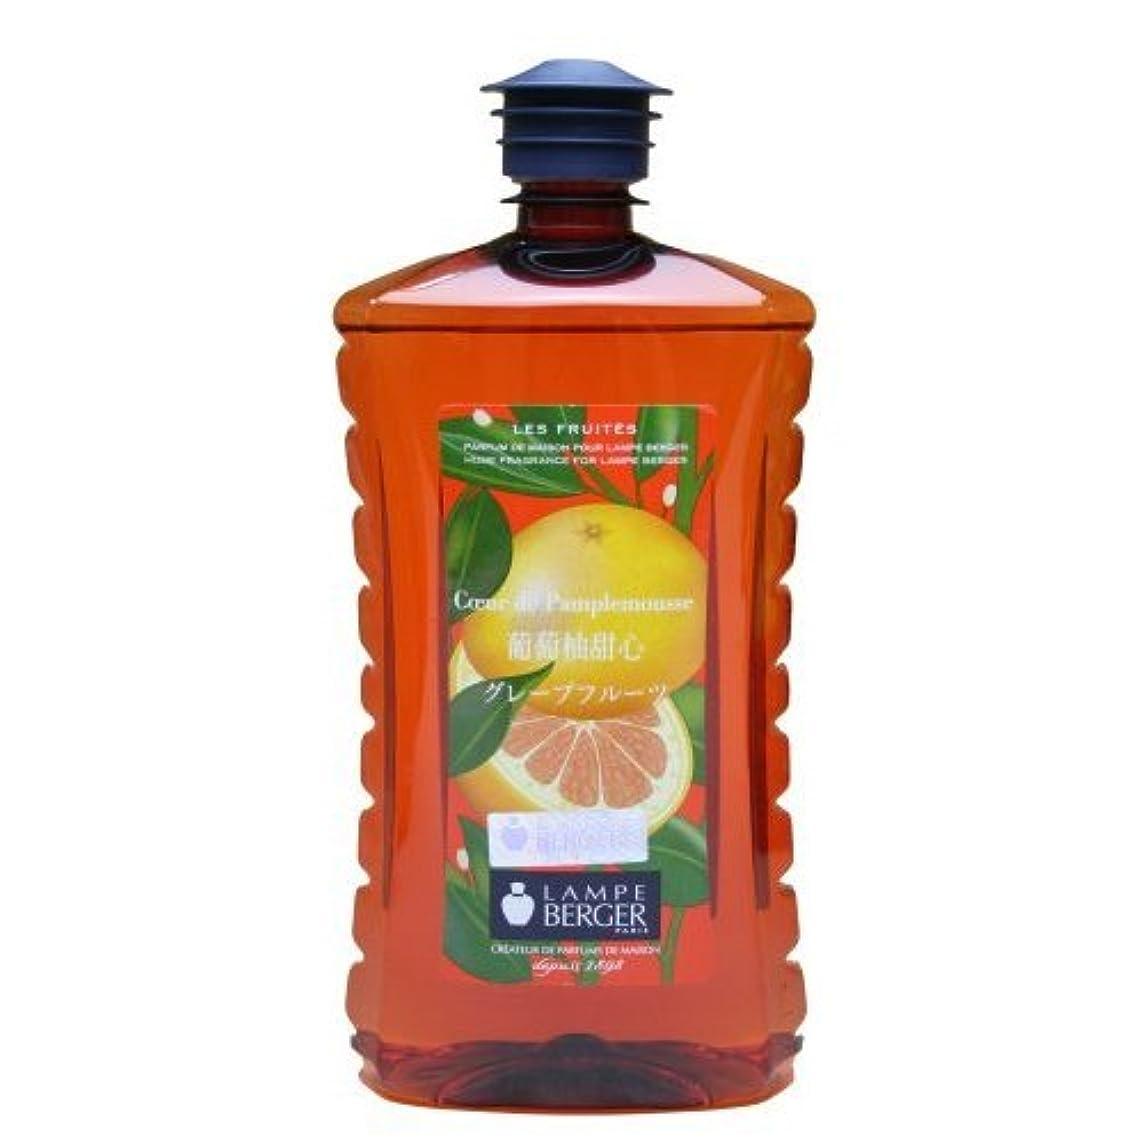 処理トン雑種ランプベルジェ アロマオイル[グレープフルーツ]1L